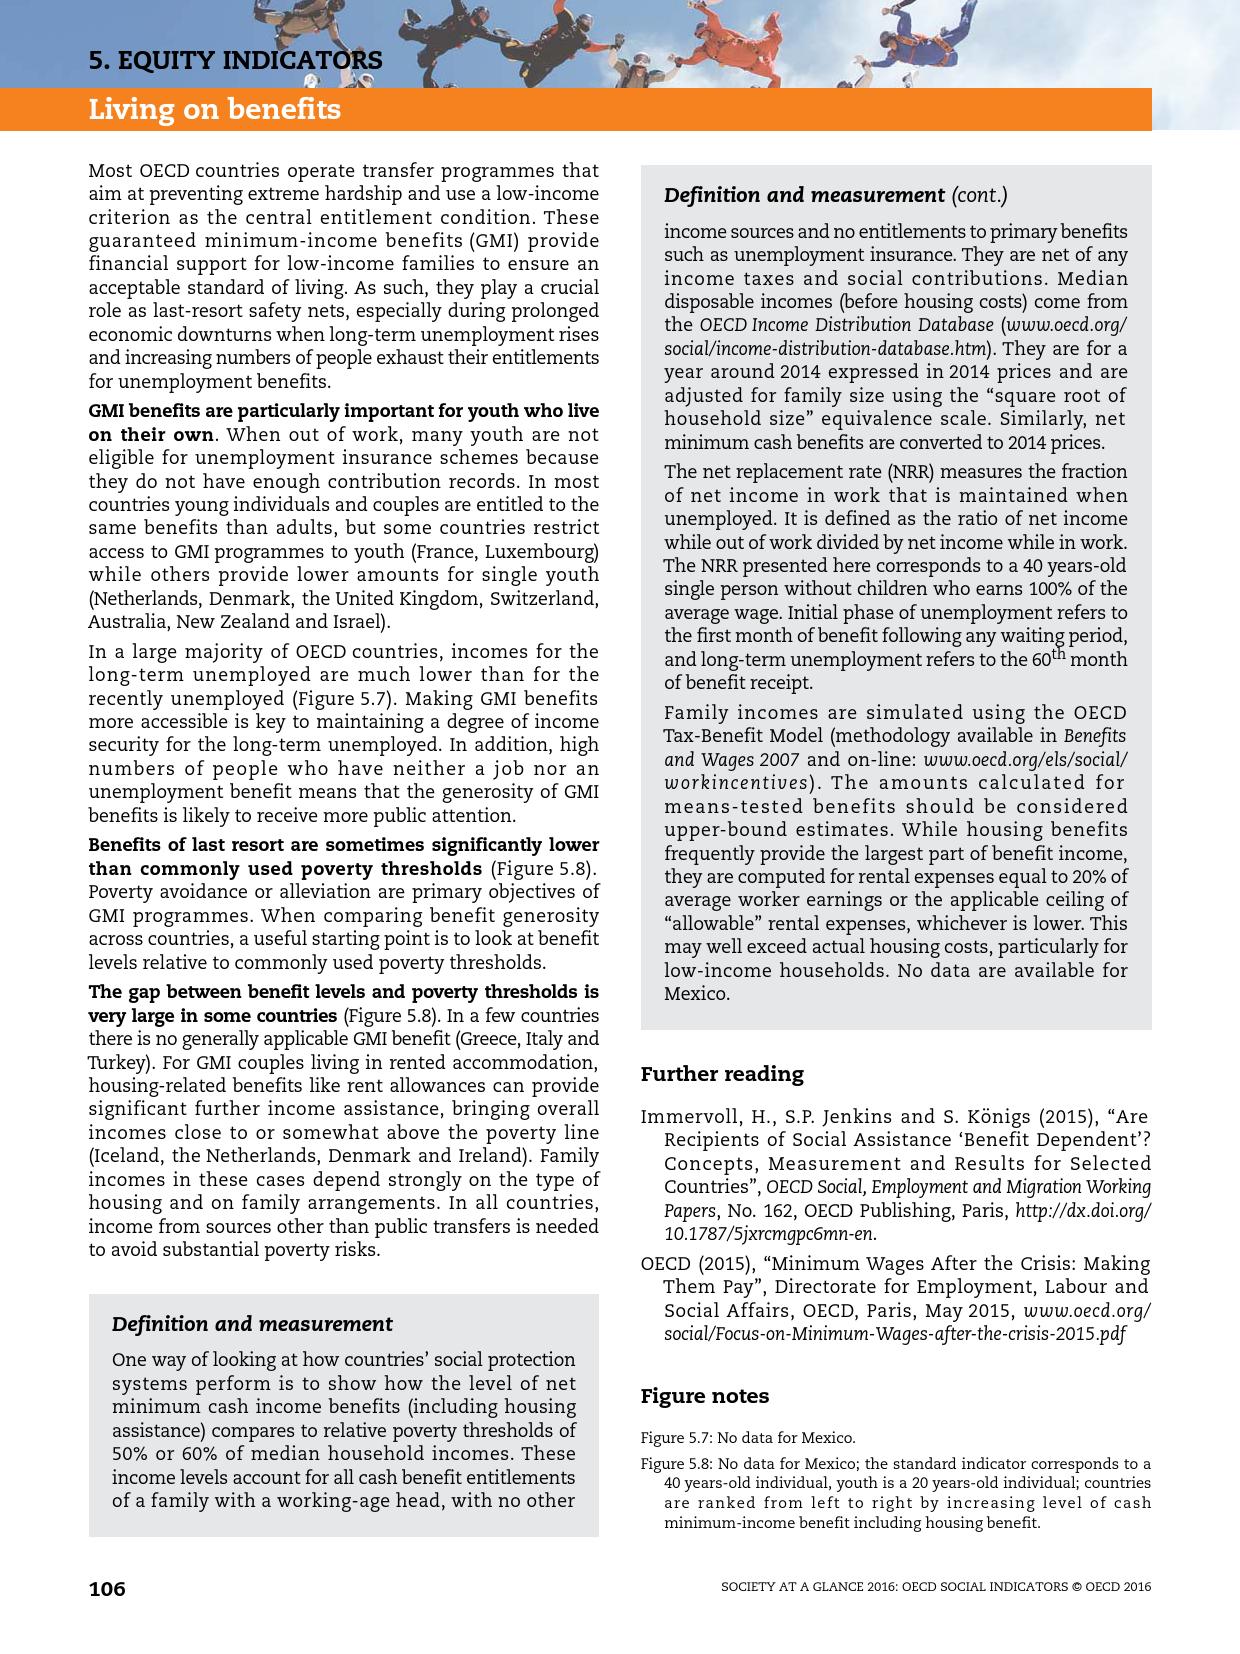 2016年OECD国家社会概览报告_000108